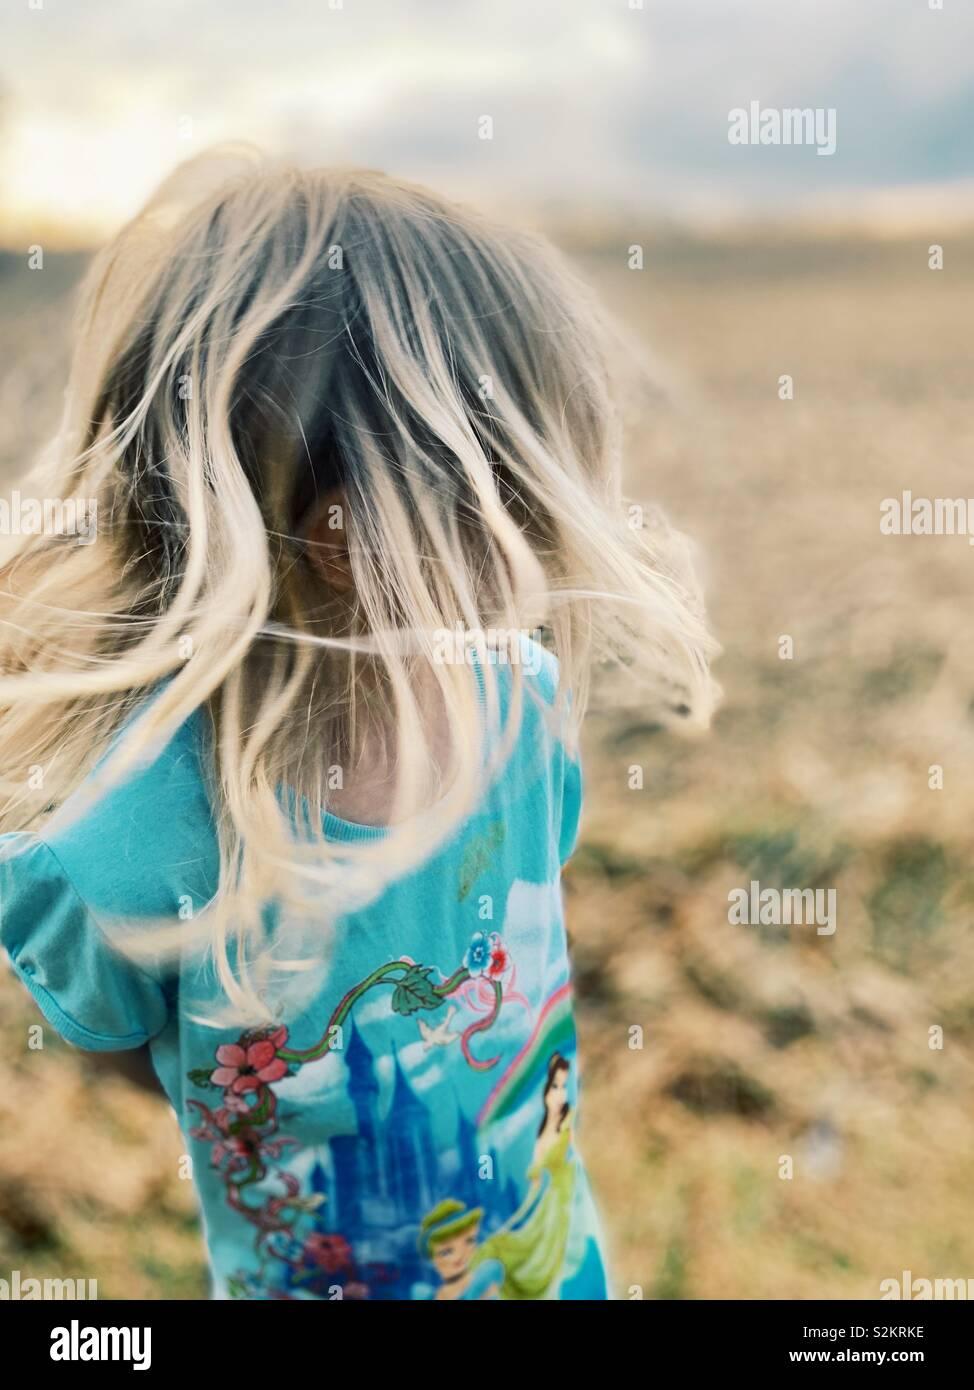 Fille aux cheveux blonds dans un champ. Photo Stock